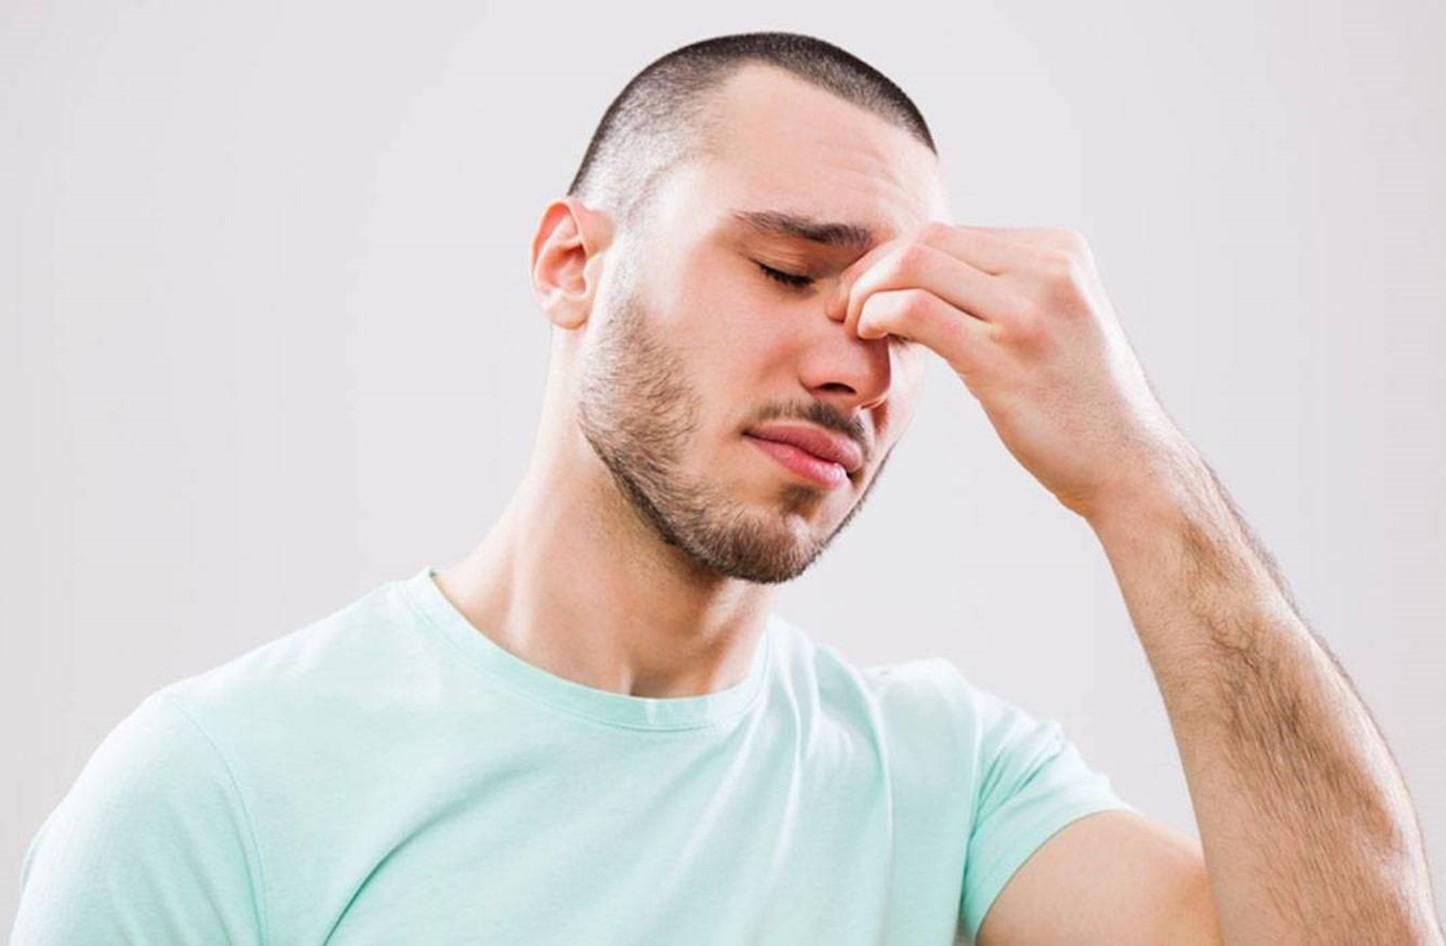 هل الجيوب الأنفية تسبب ألم في الرقبة وأعراضها وأفضل طرق لعلاجها زيادة